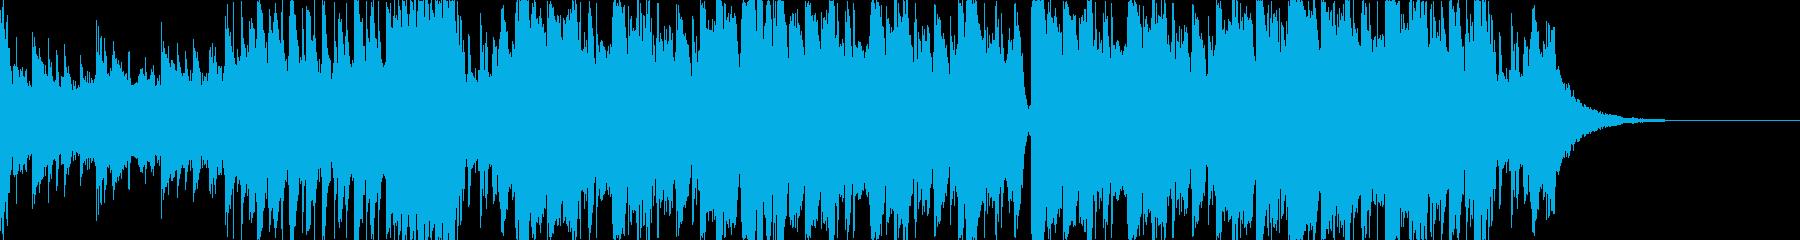 ダブステップなジングルの再生済みの波形